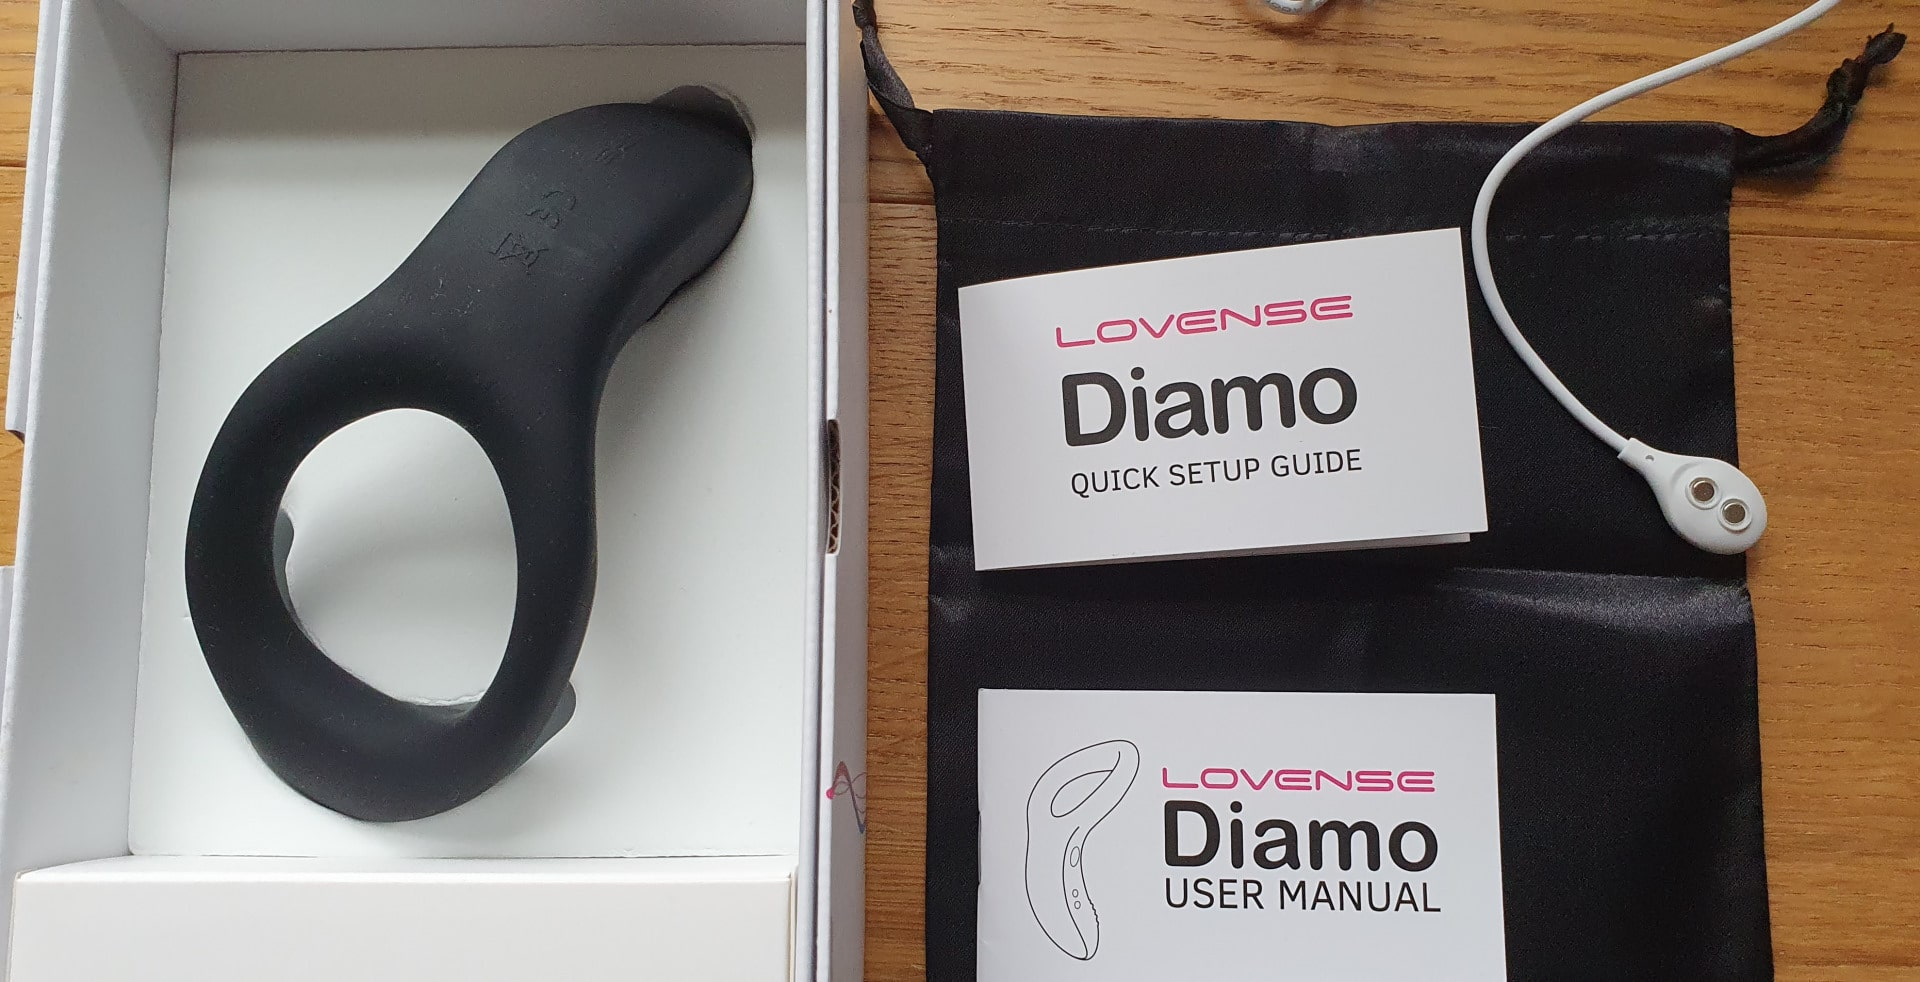 Lovense Diamo Box Contents